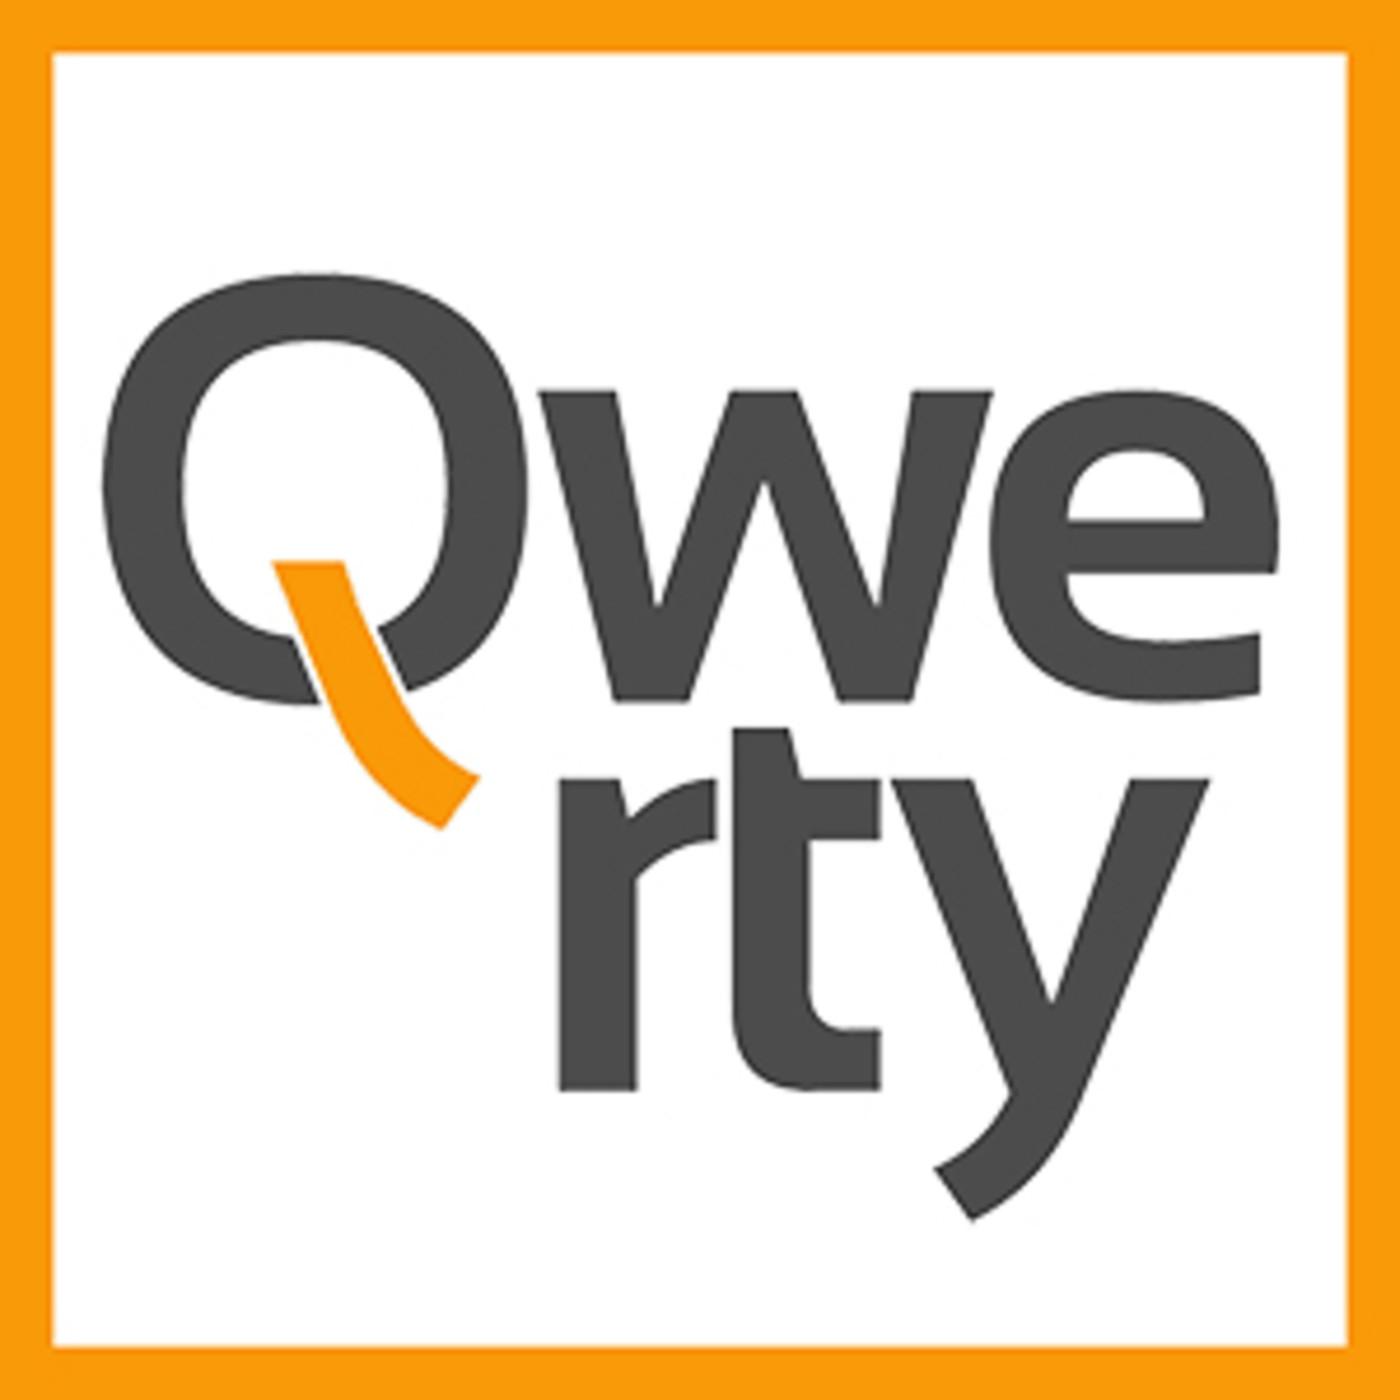 Logo de Qwerty / Historias de la ciencia